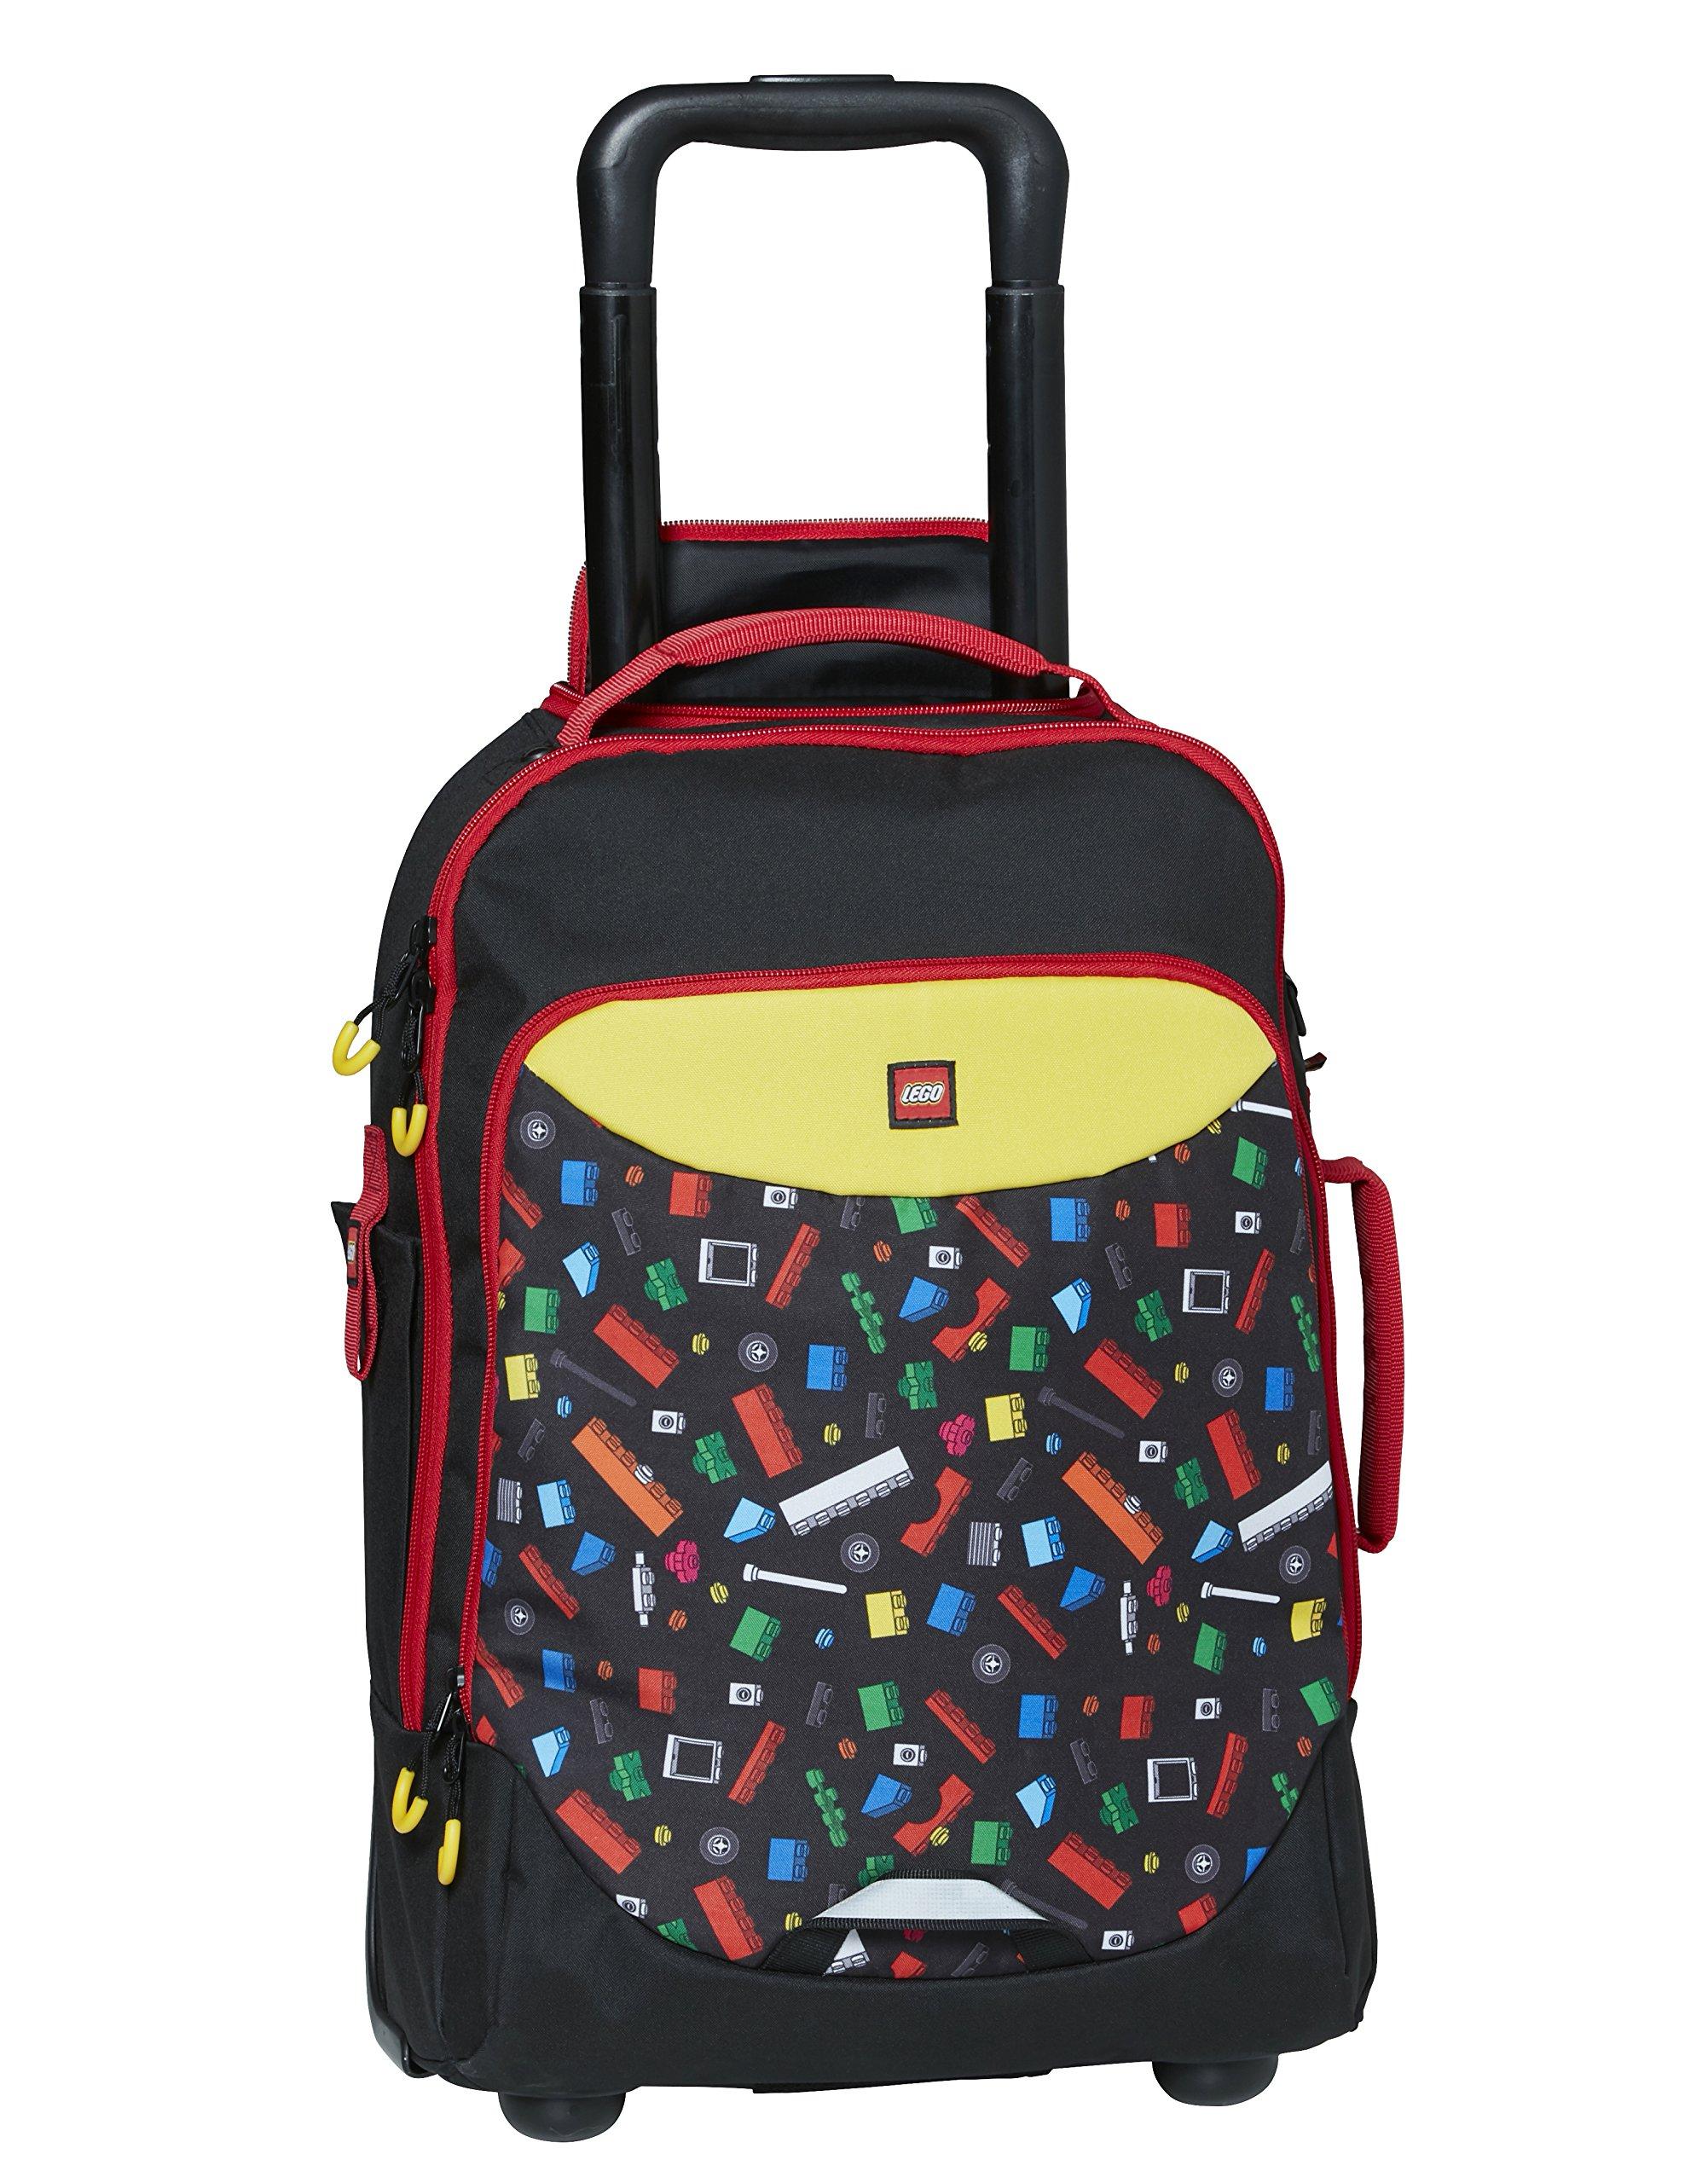 a basso prezzo b7bb7 fb280 Lego Trolley Playroom Originals Zaino, 45 cm, 28 liters, multicolore  (Multicolor) - mattoncinilego.it